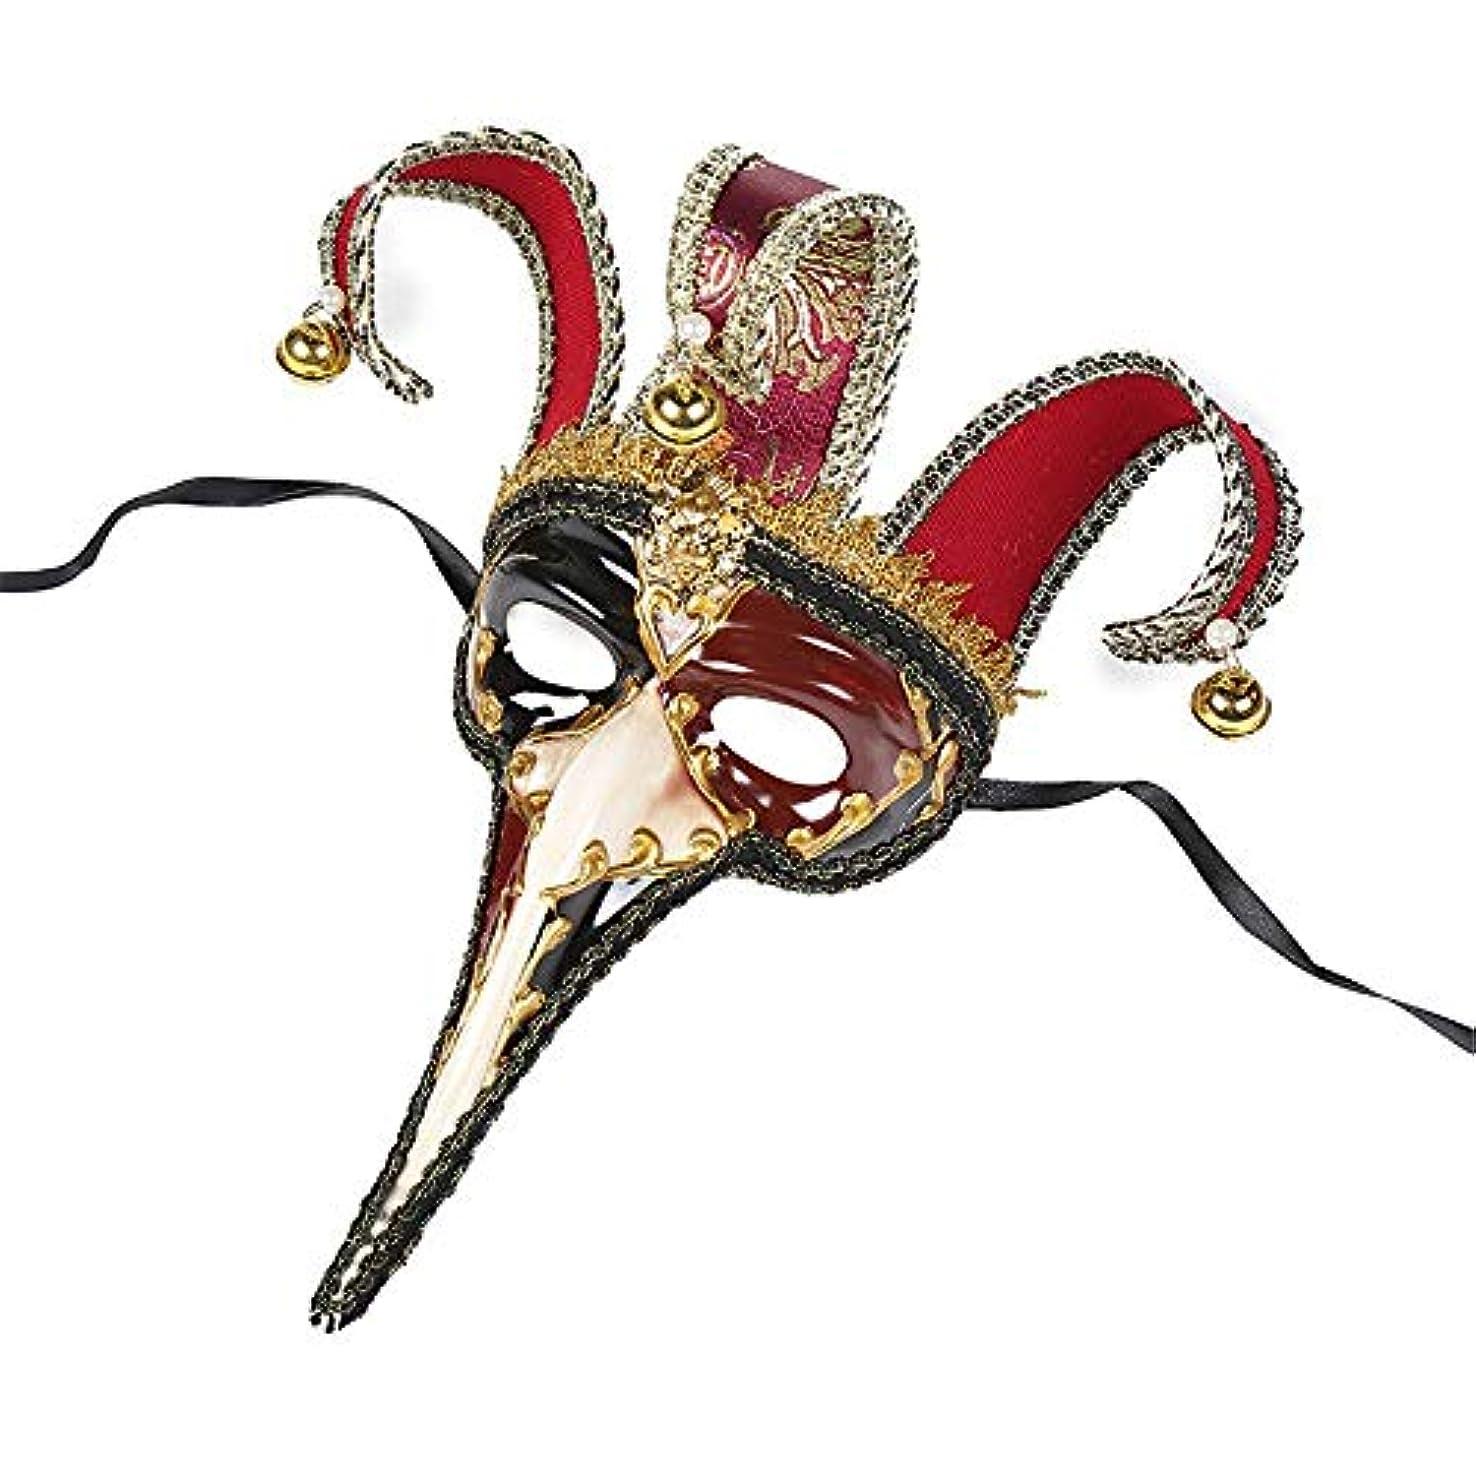 突破口ジャグリングパキスタン人ダンスマスク ハーフフェイス鼻フラミンゴハロウィーン仮装雰囲気クリスマスフェスティバルロールプレイングプラスチックマスク ホリデーパーティー用品 (色 : 赤, サイズ : 42x15cm)